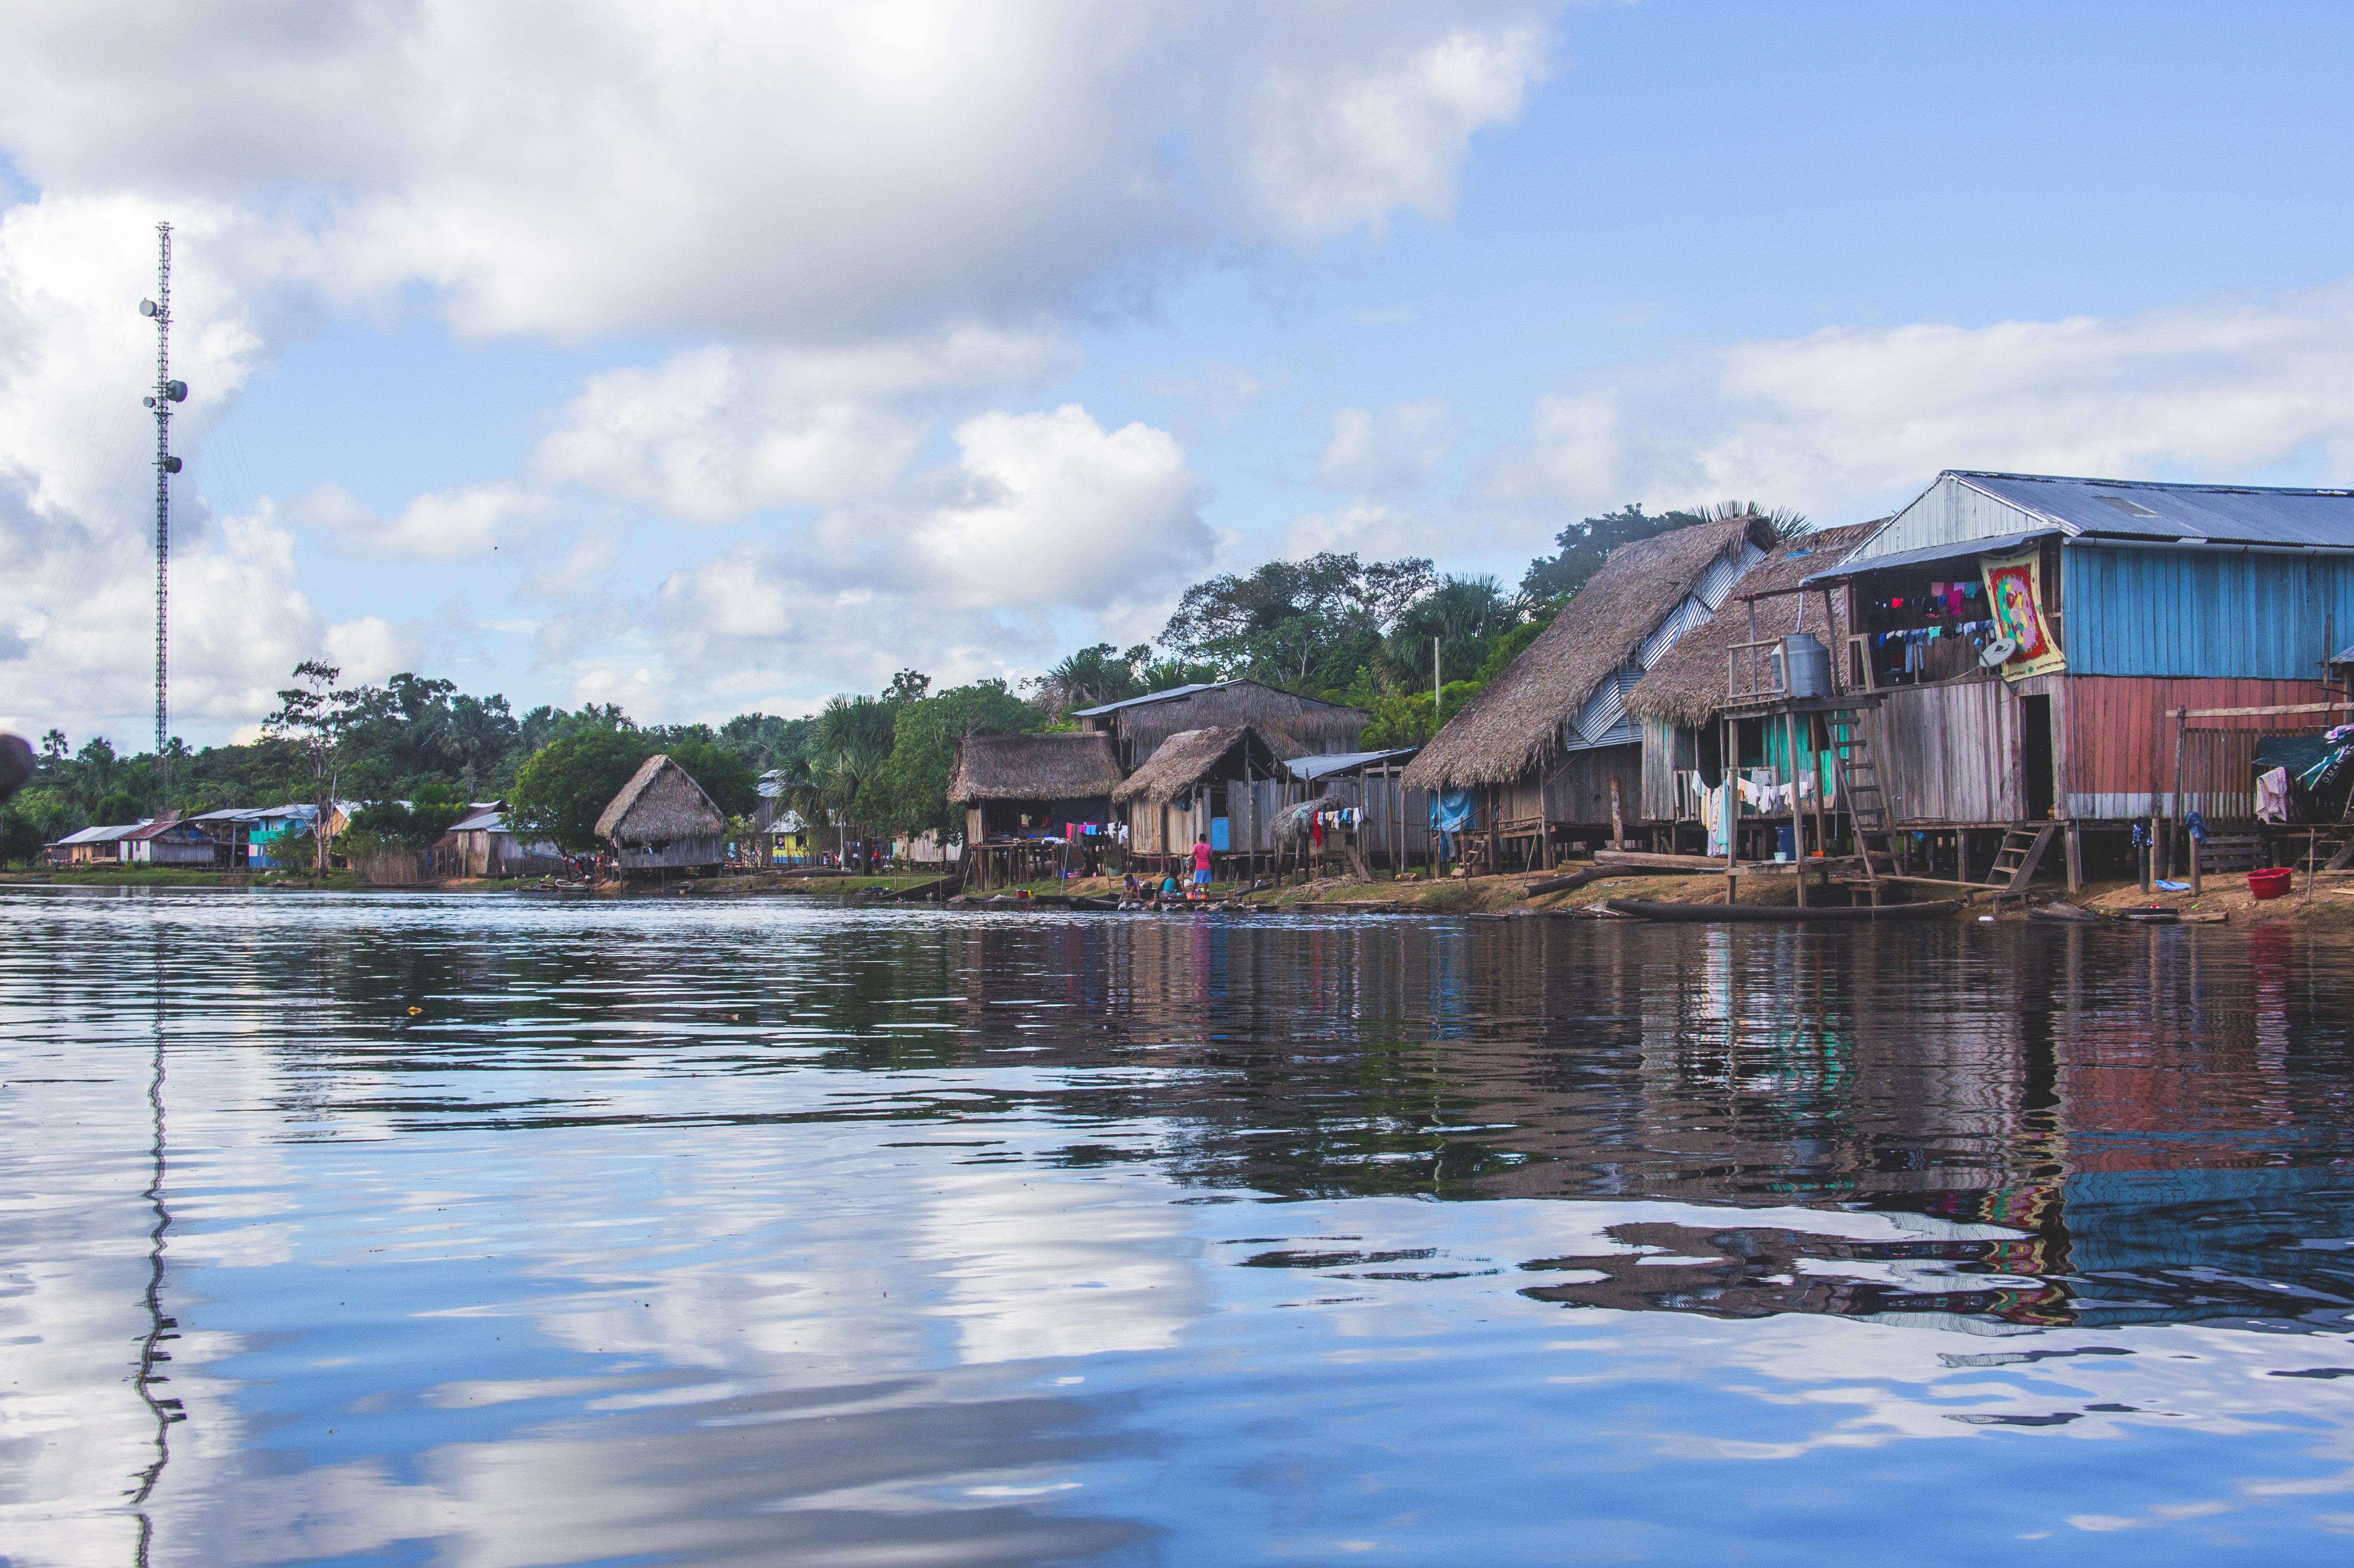 Comunidad de Cuninico vista desde el río Marañon